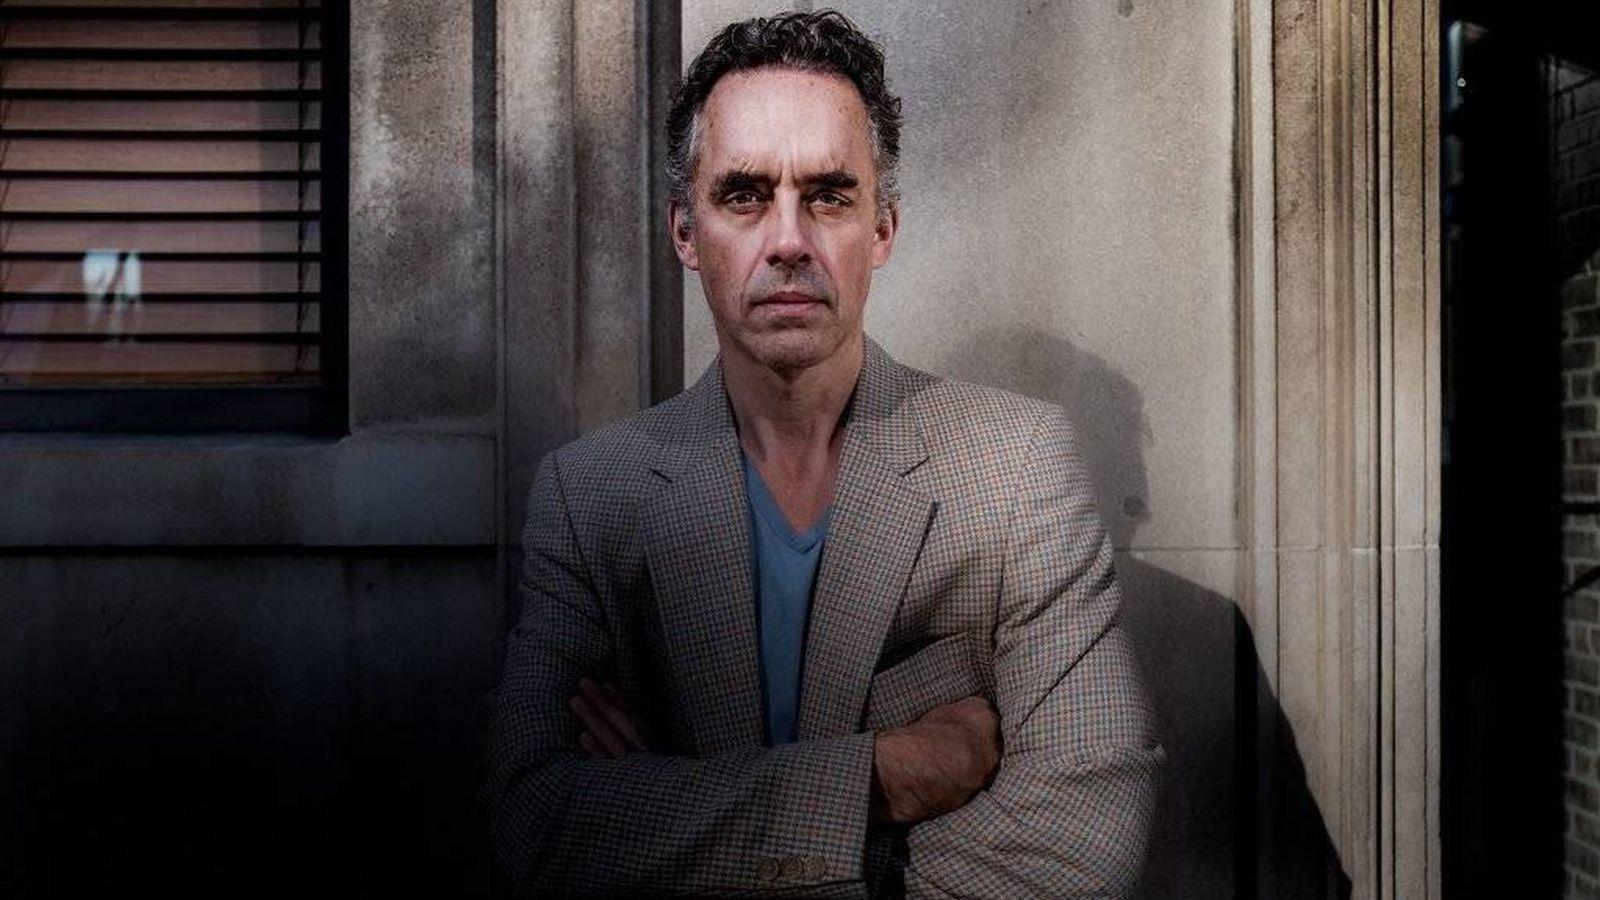 Foto: Peterson se caracteriza por su frialdad y corrección a la hora de comunicar sus ideas.